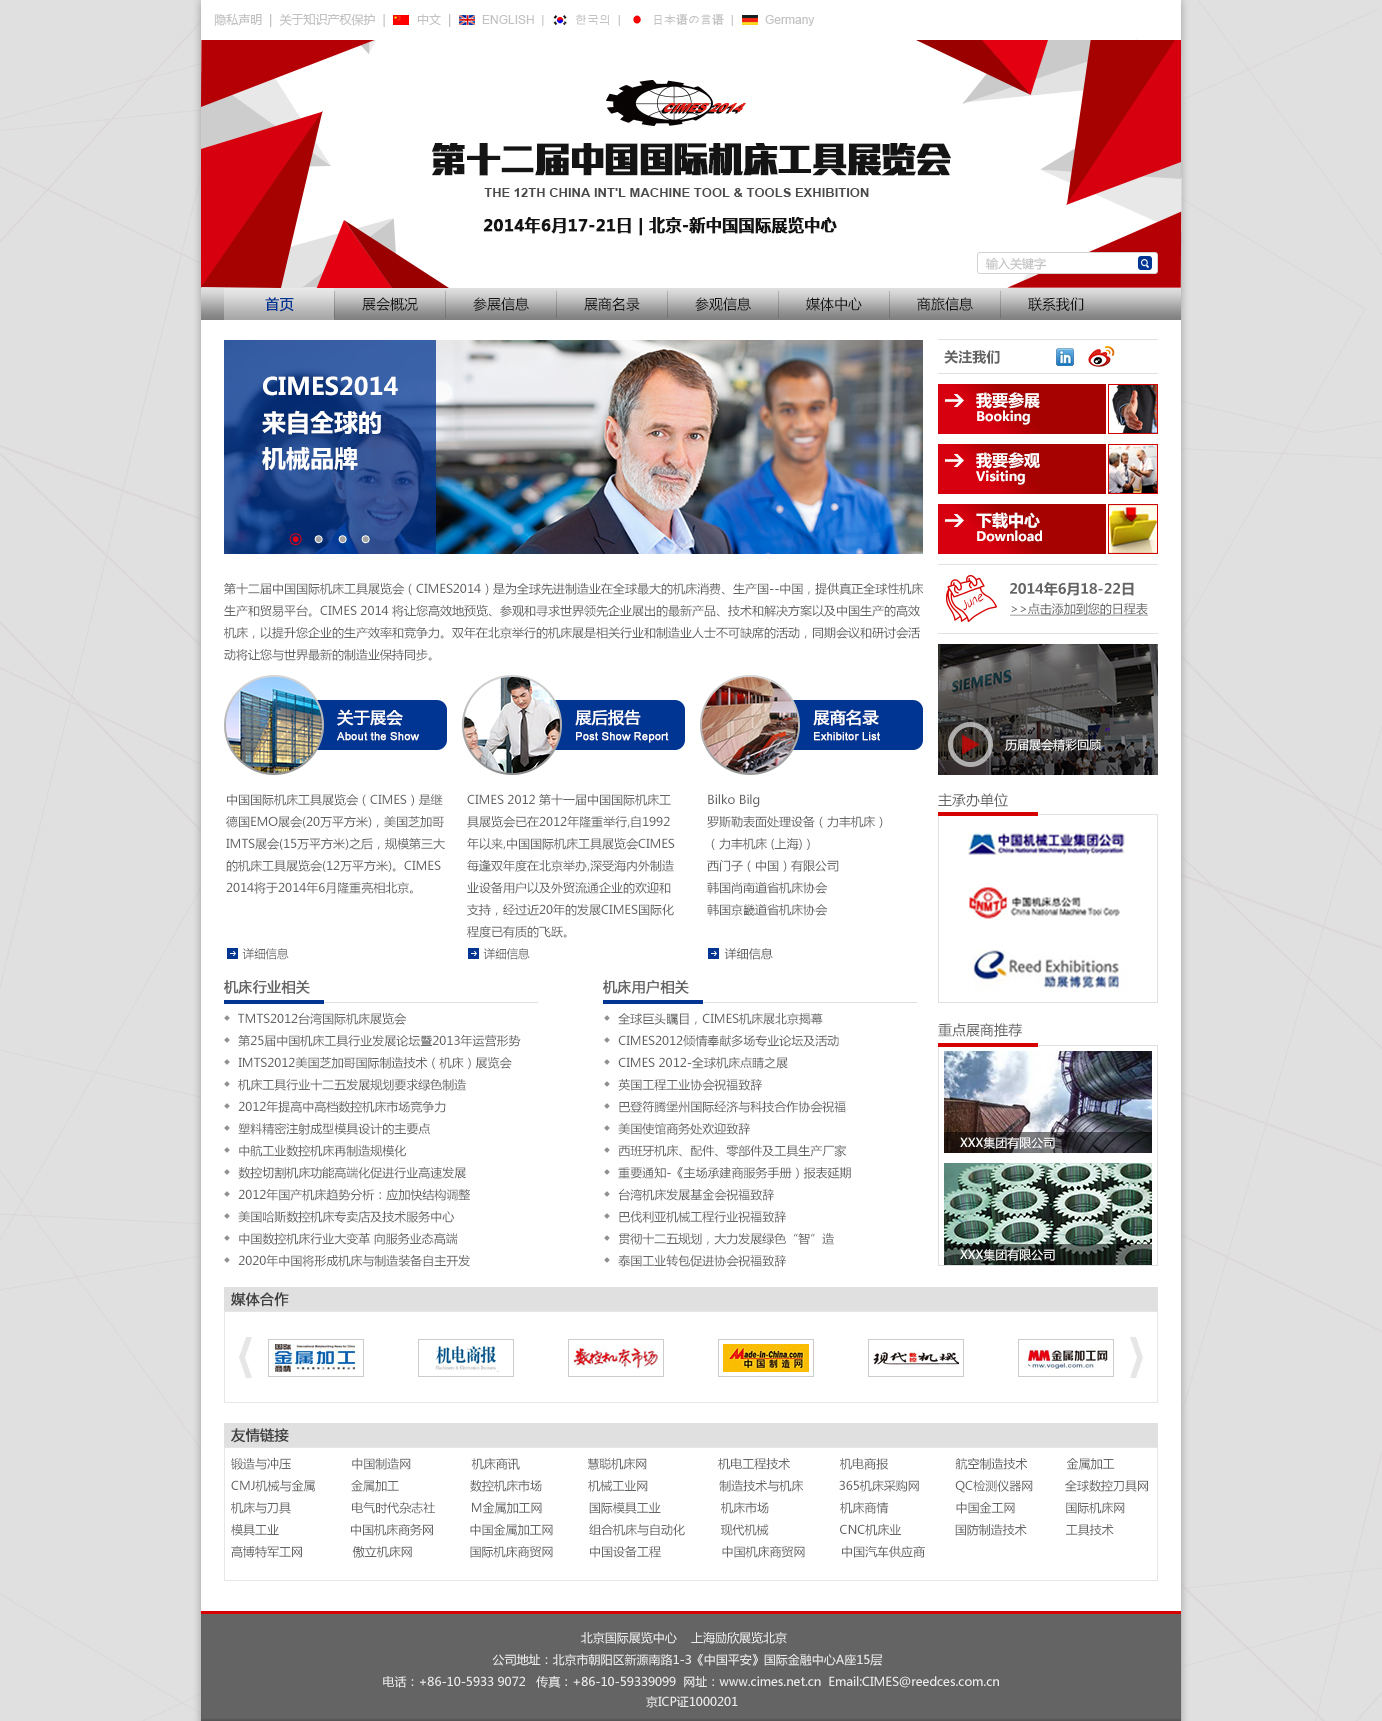 展览网站 设计和开发